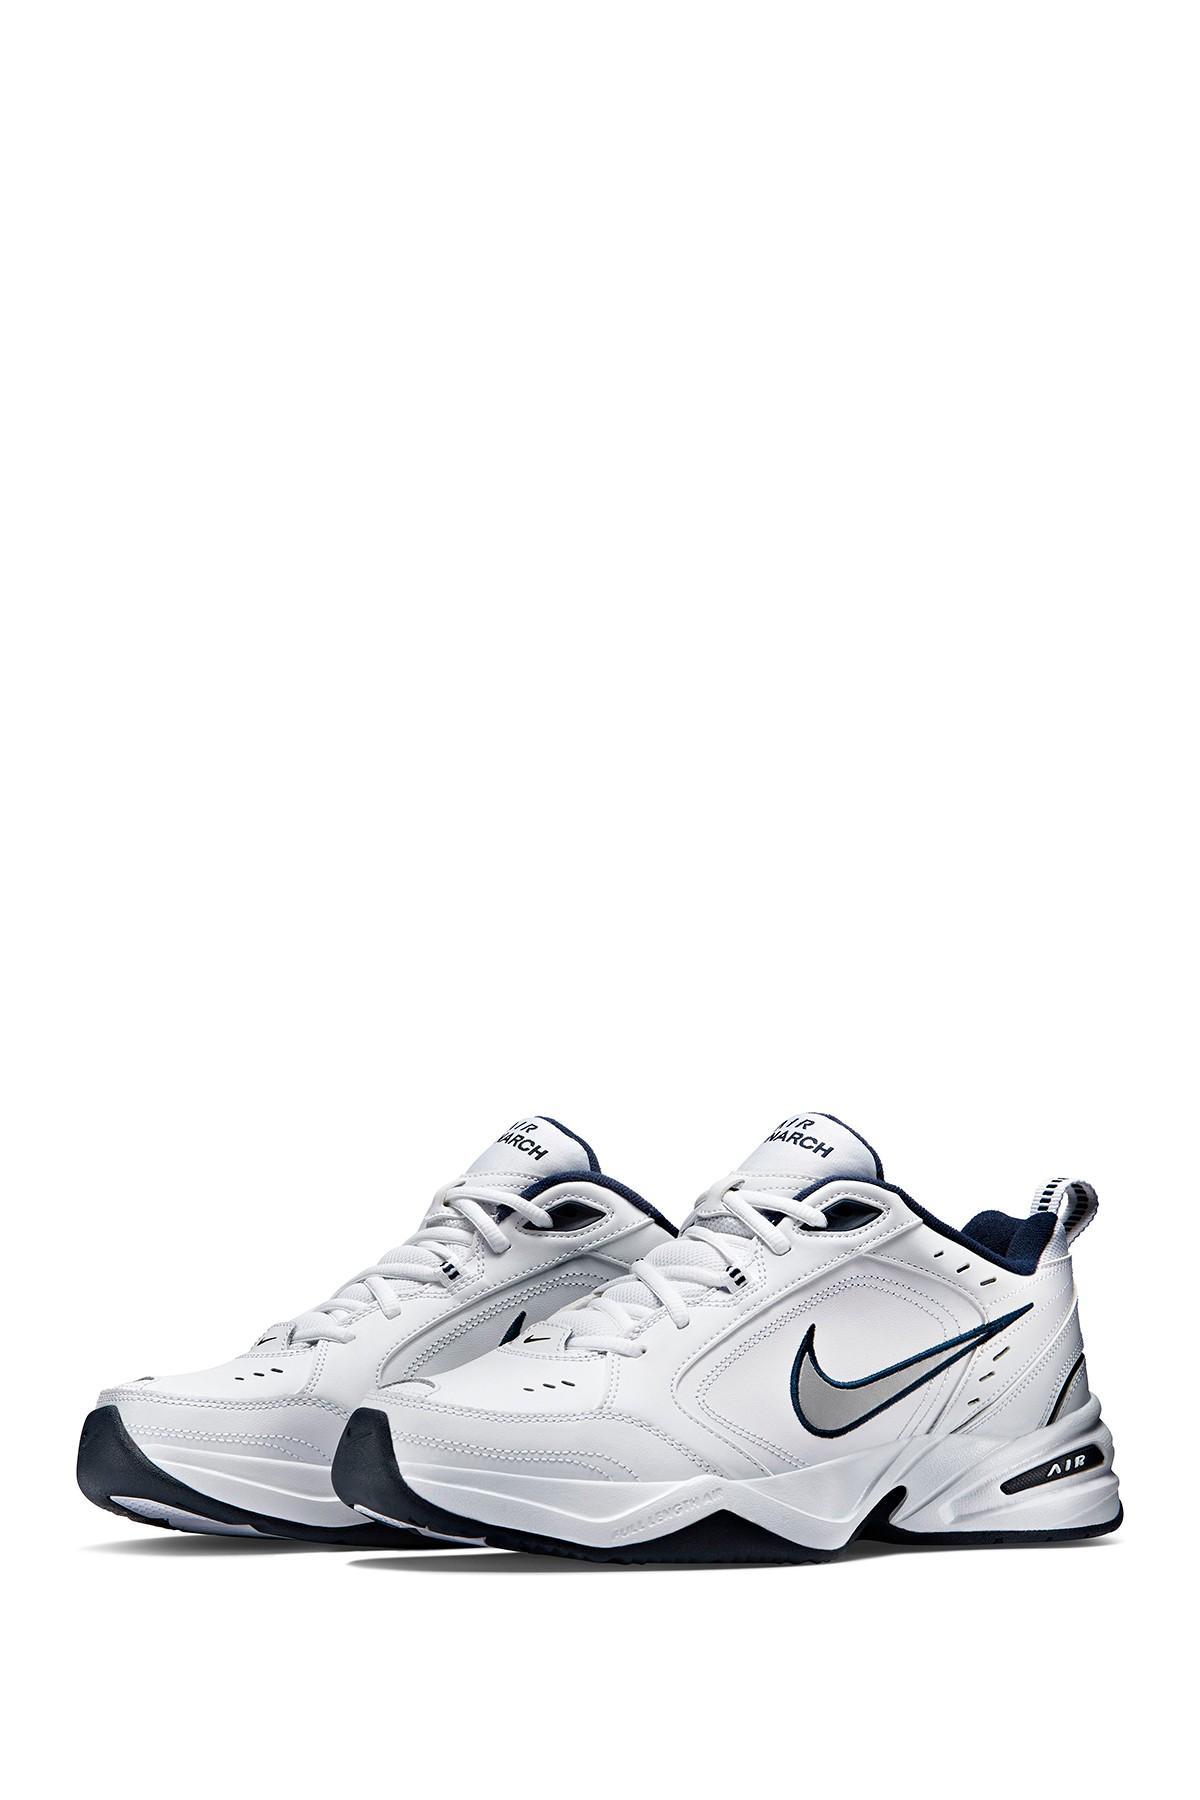 premium selection 56eec 22da8 Hommes Extra Baskets Monarch Nike pour d entraînement Iv Air Multicolor 4e  Large wvHRvUq